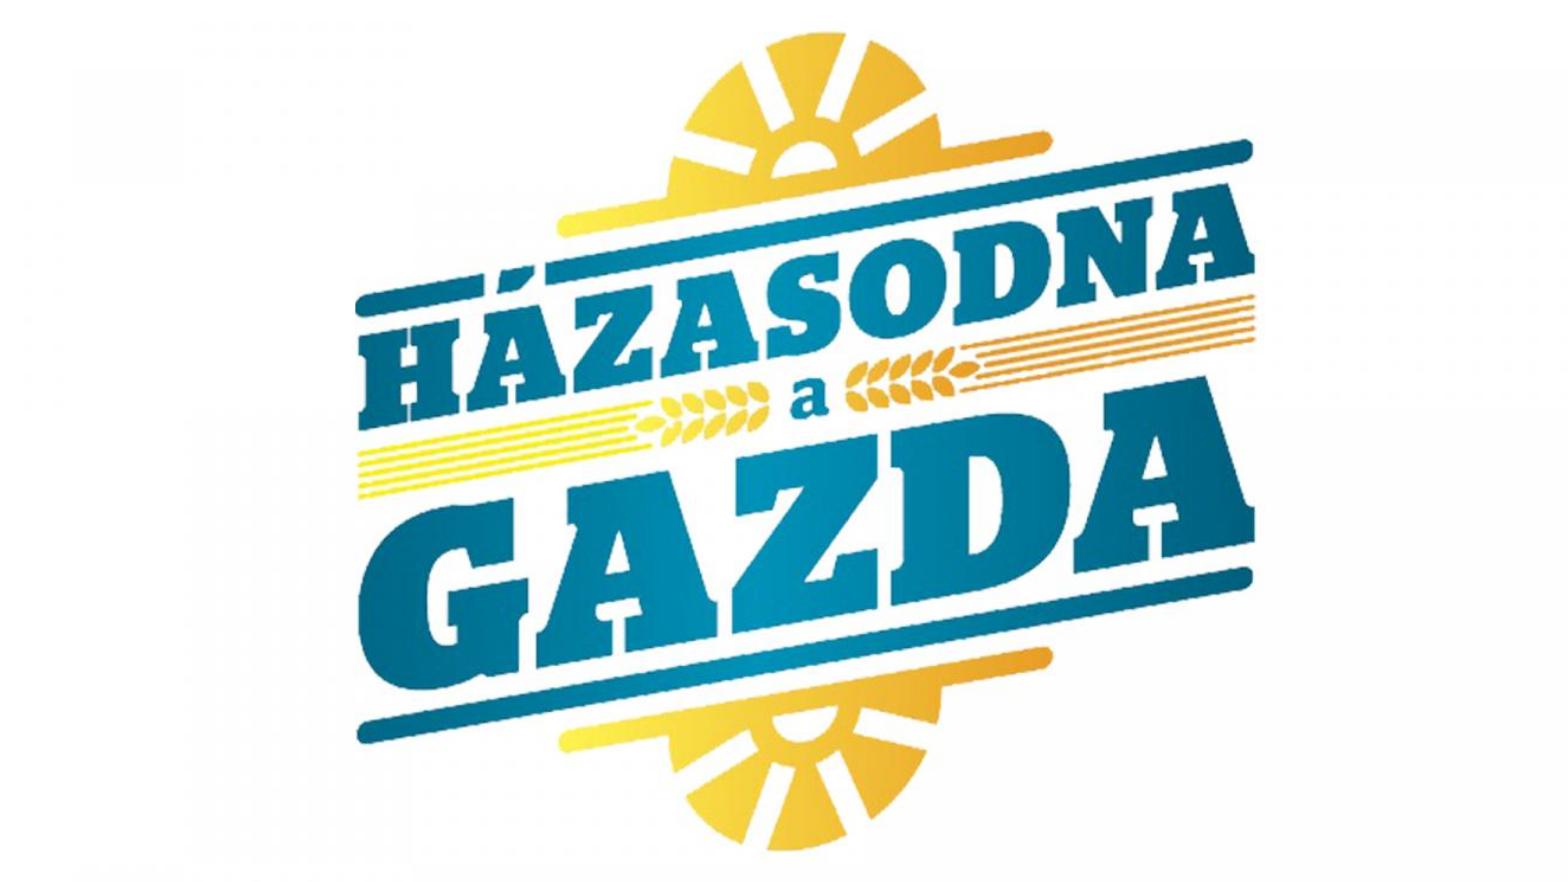 hazasodna_a_gazda.jpg